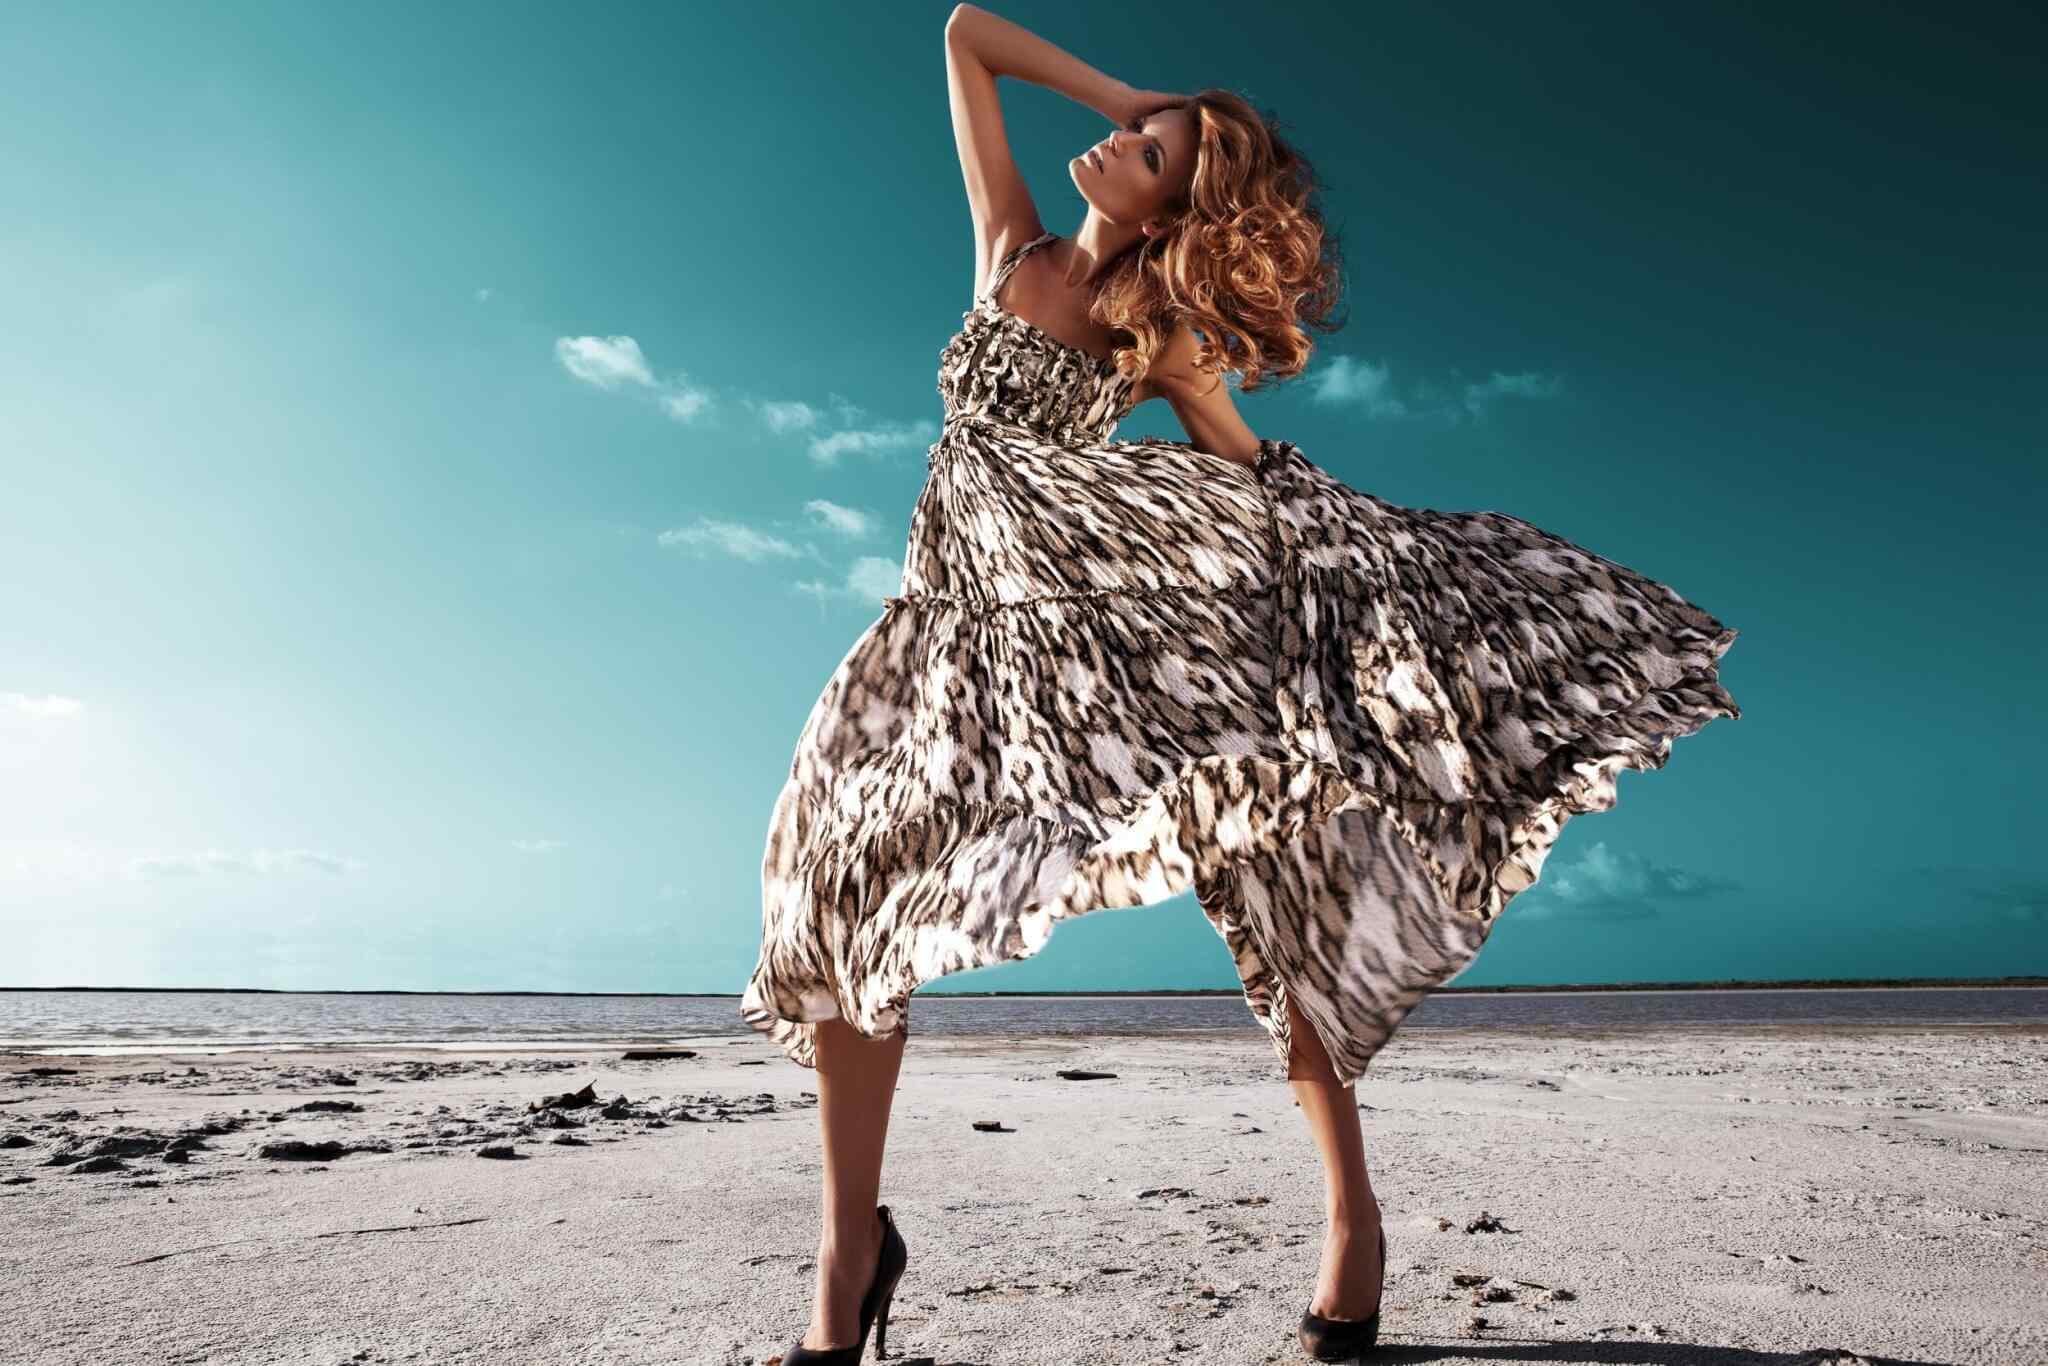 https://lacallelibre.com.mx/wp-content/uploads/2017/03/fashion_3.jpg